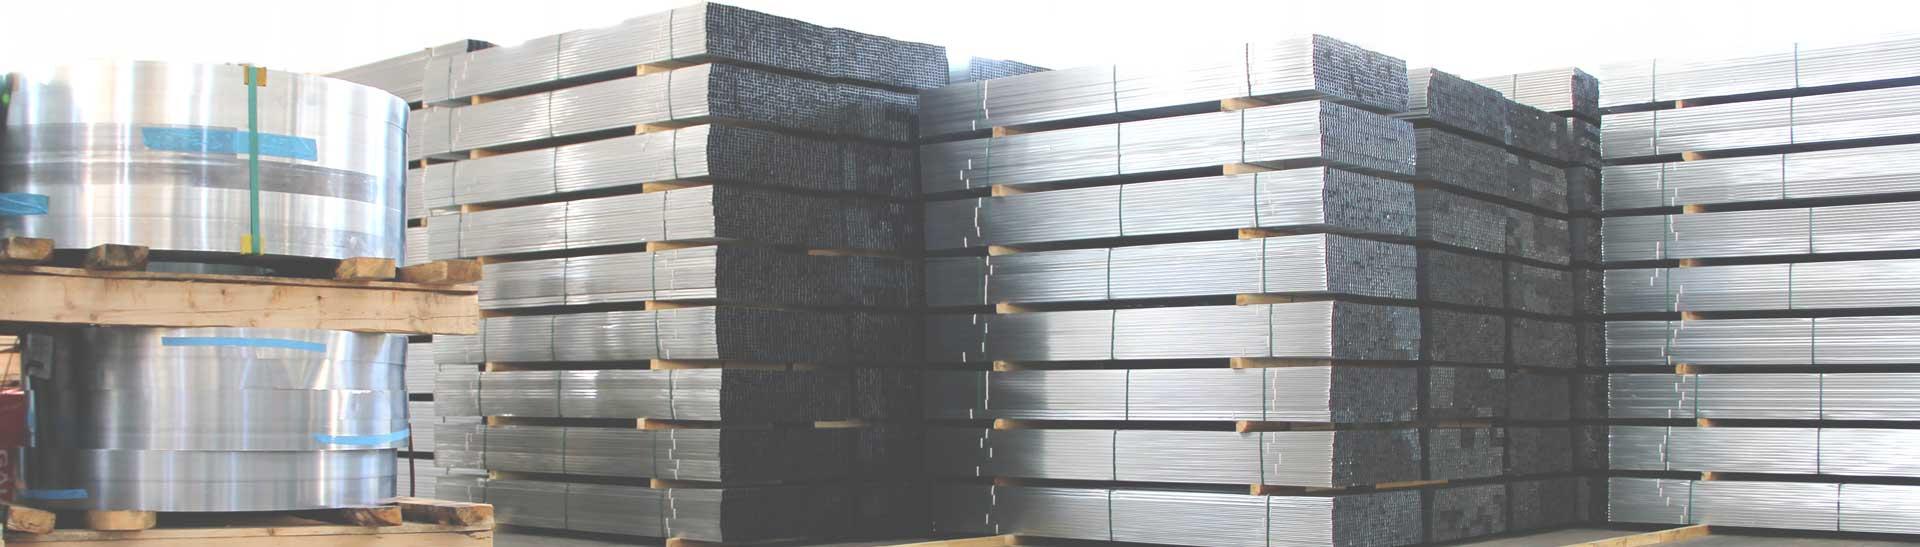 sarıbaş metal profil üretim tesisi